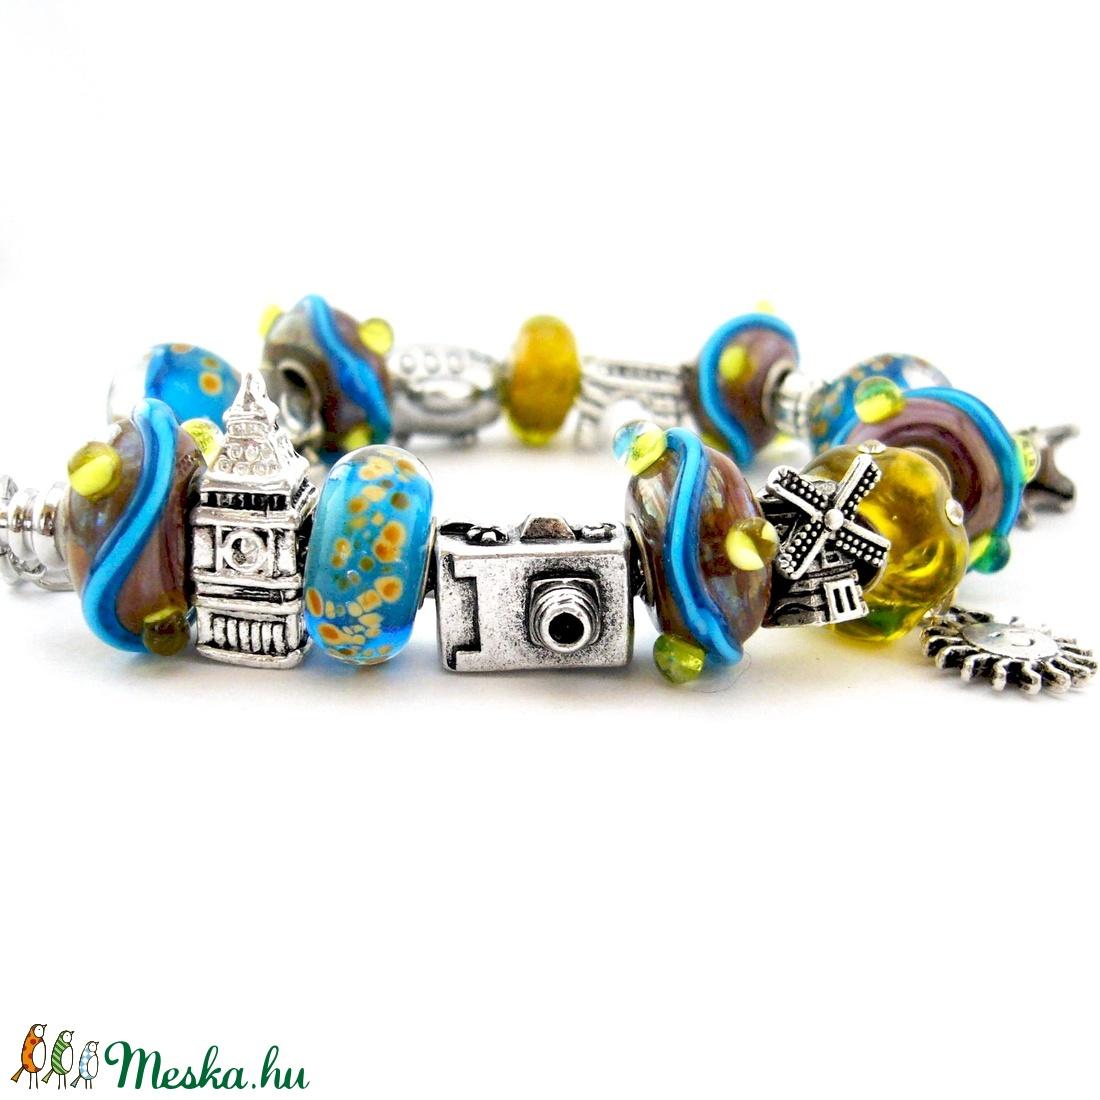 bd679a58262d kék, sárga és lila utazós charm karkötő pandora stílusban Európa városaival  ...